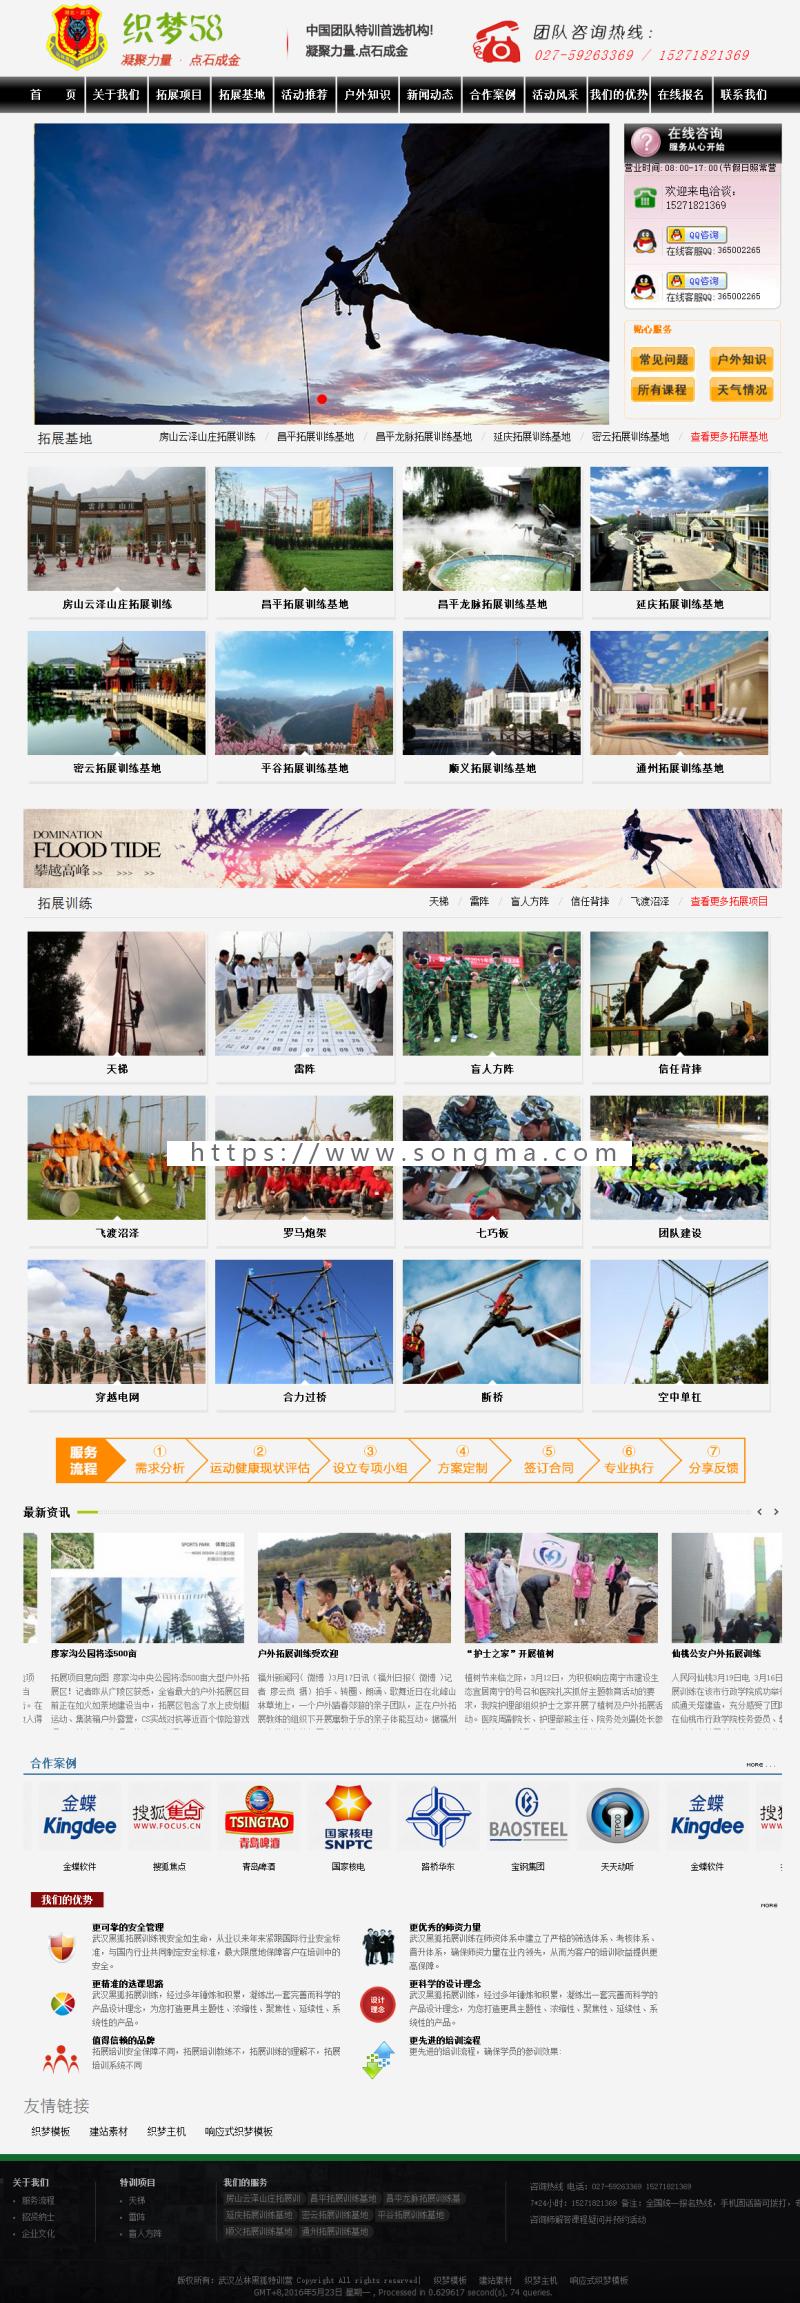 《经营版》高端新版大气通用织梦营销型服务设施类公司户外拓展活动类网站织梦dedecms